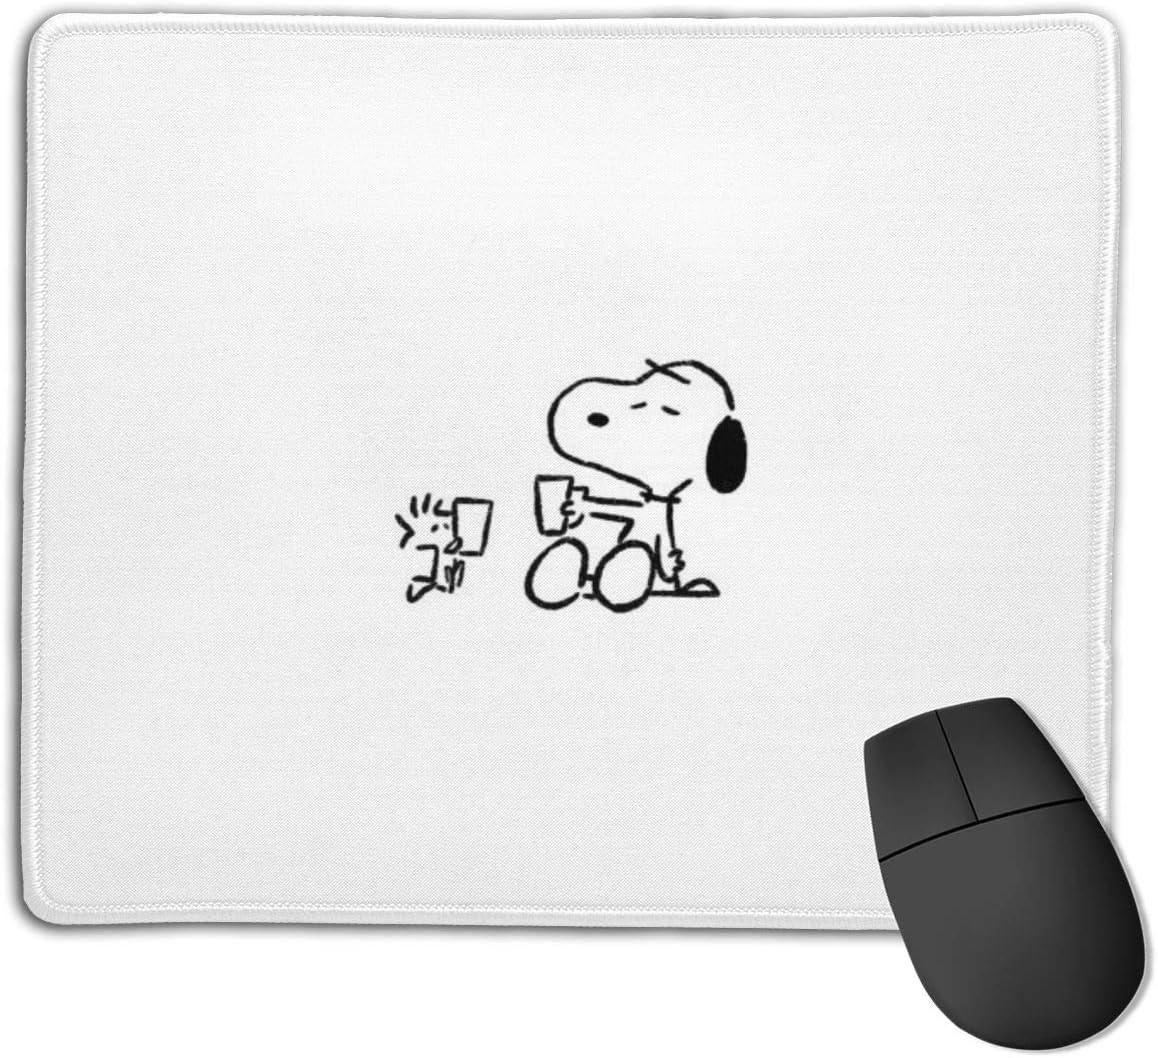 Amazon 壁紙5スヌーピー マウスパッド おしゃれ 高級感 ゲーミング オフィス最適 滑り止めゴム底 付着力が強い 耐久性が良 22x18x0 3cm Wcxddp マウスパッド 通販